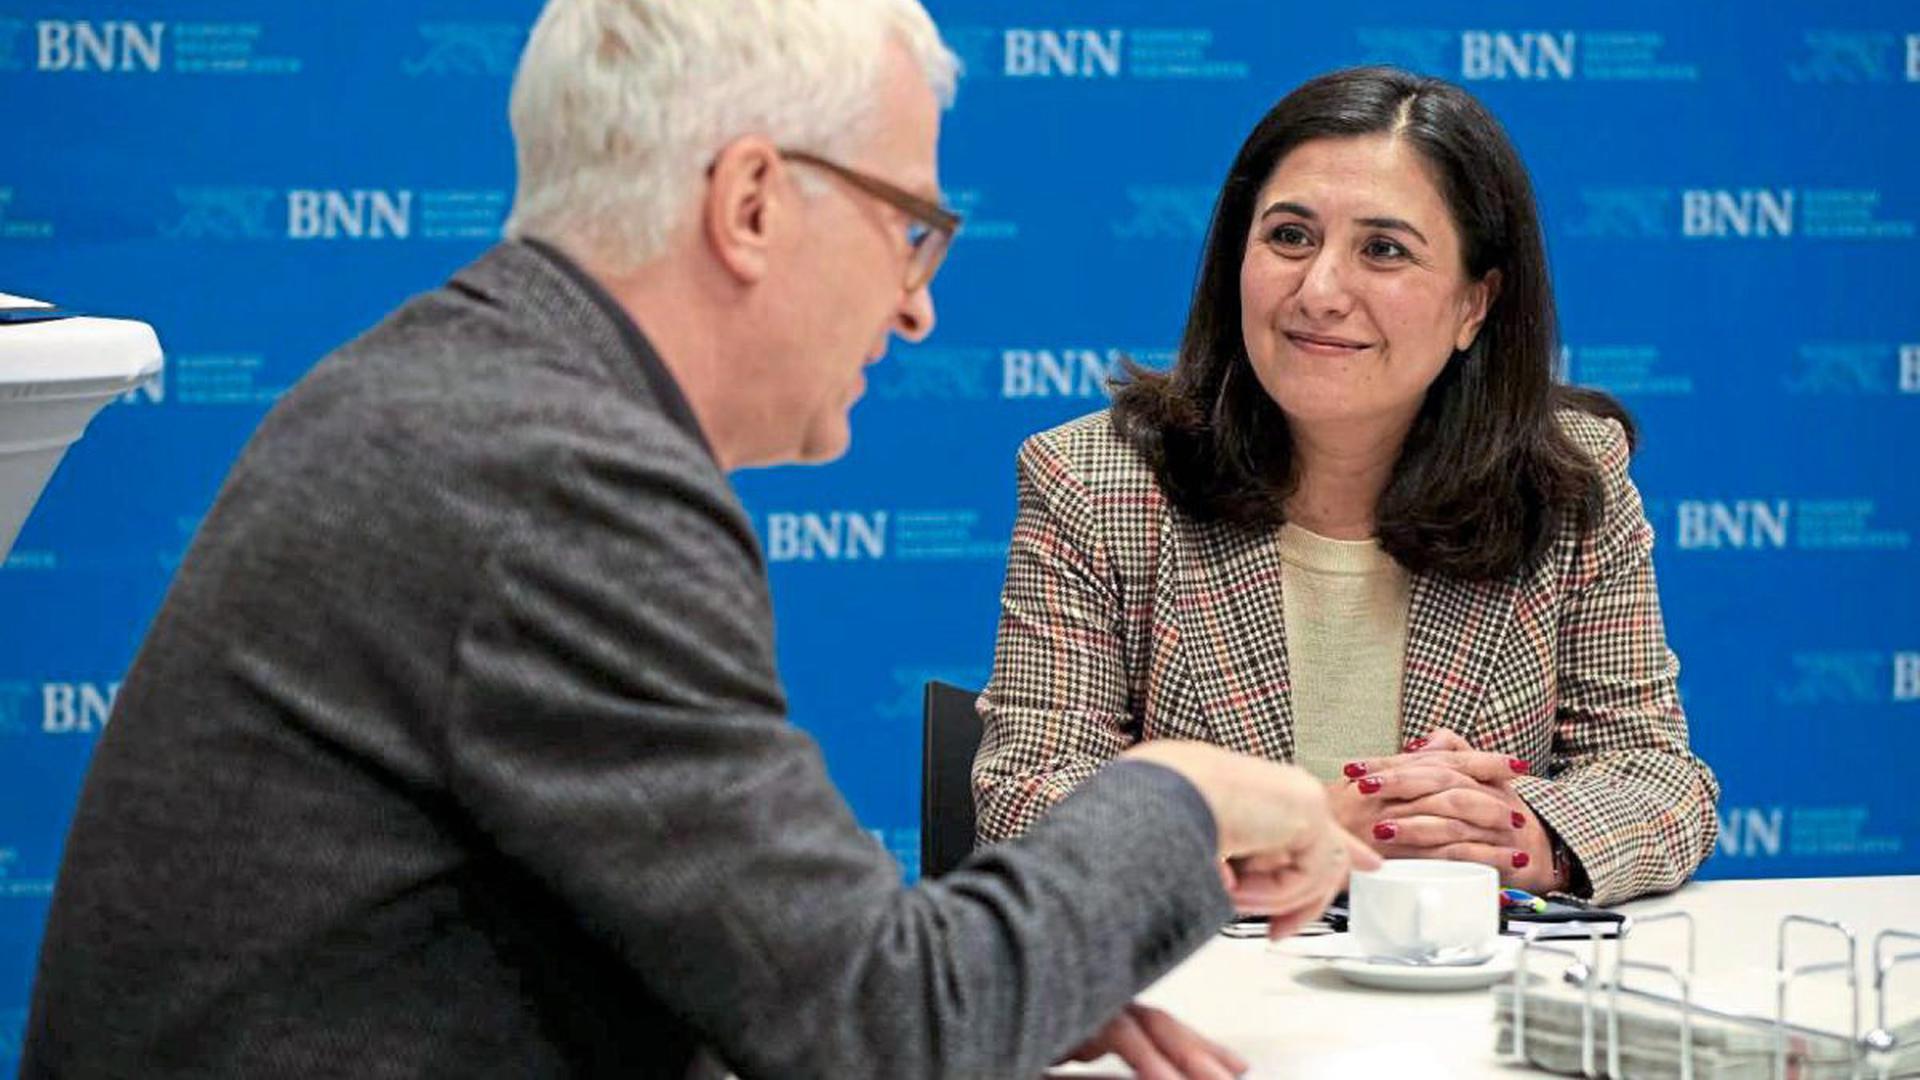 Die türkische Generalkonsulin Banu Terzioglu sprach in der Geschäftsstelle der BNN mit Stadtredaktionsleiter Theo Westermann über die Bildungschancen ihrer Landsleute.